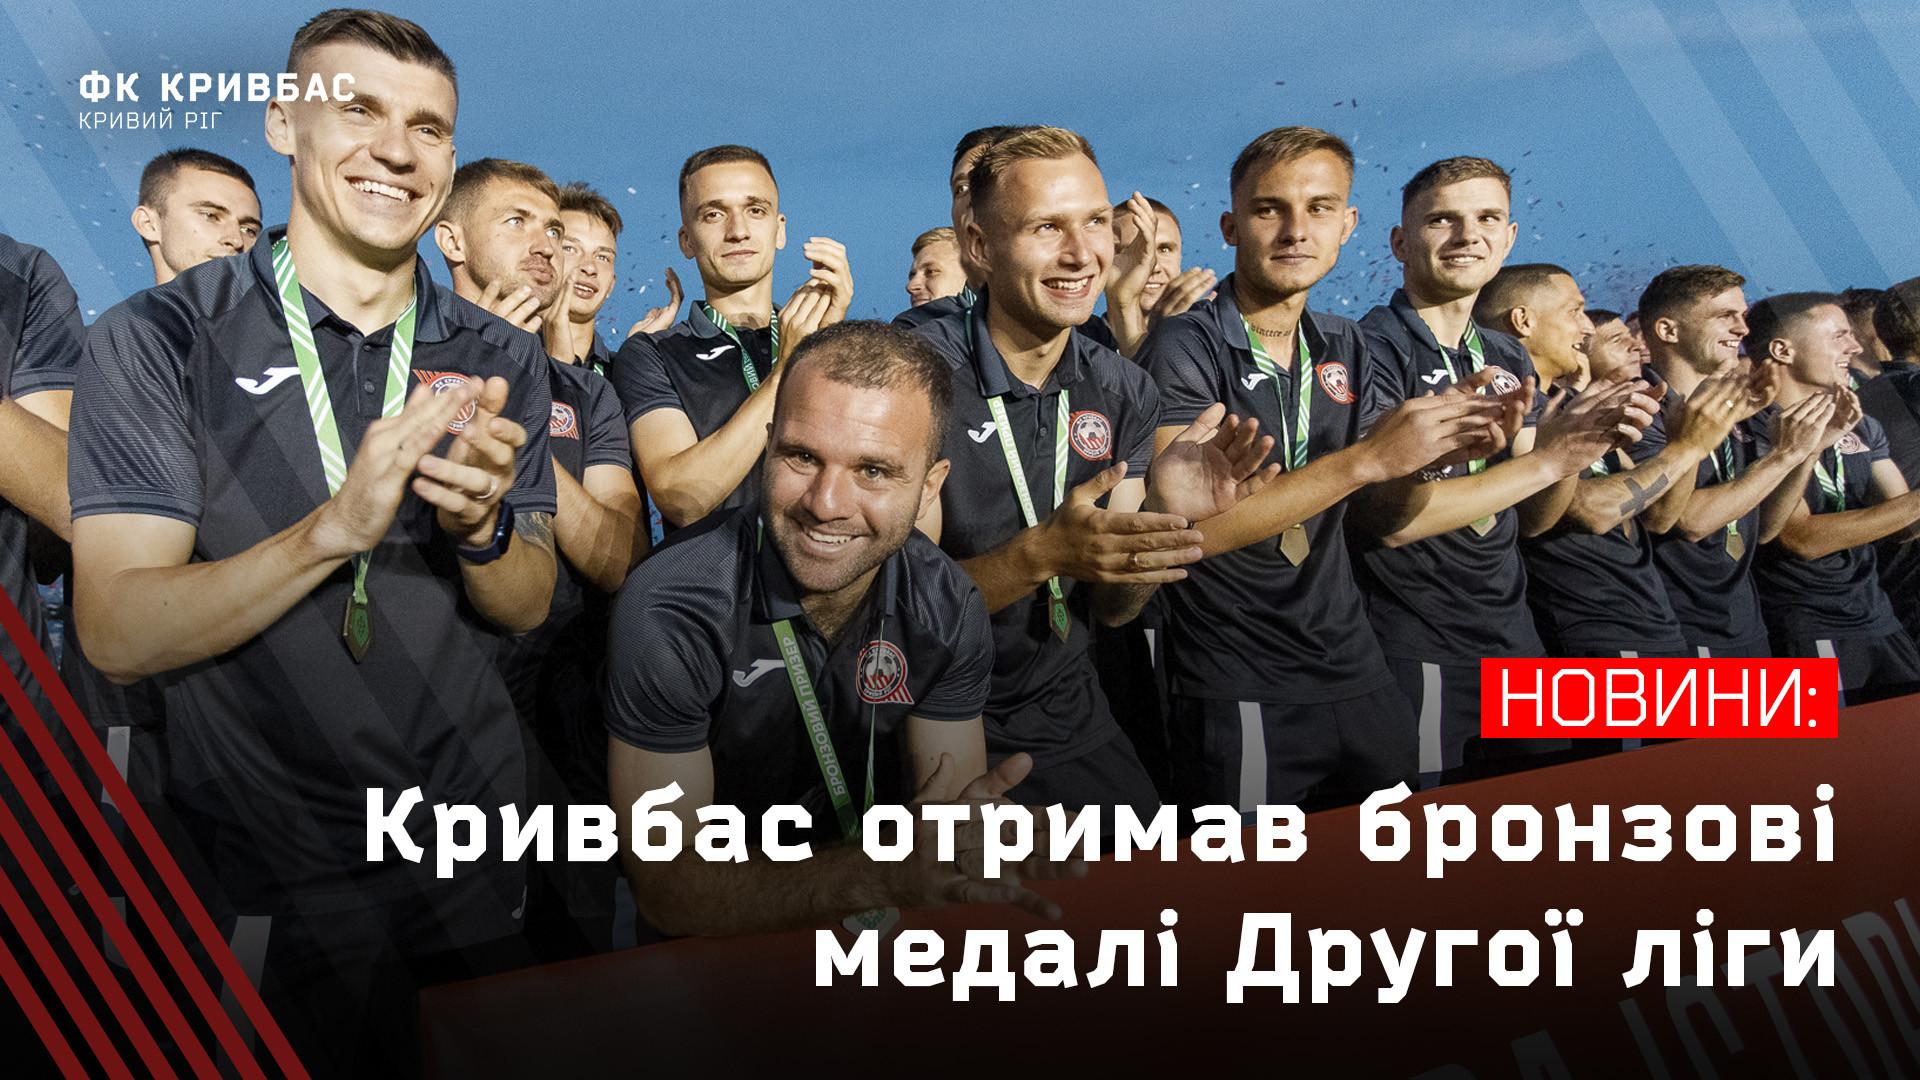 """""""Кривбас"""" отримав бронзові медалі Другої ліги}"""